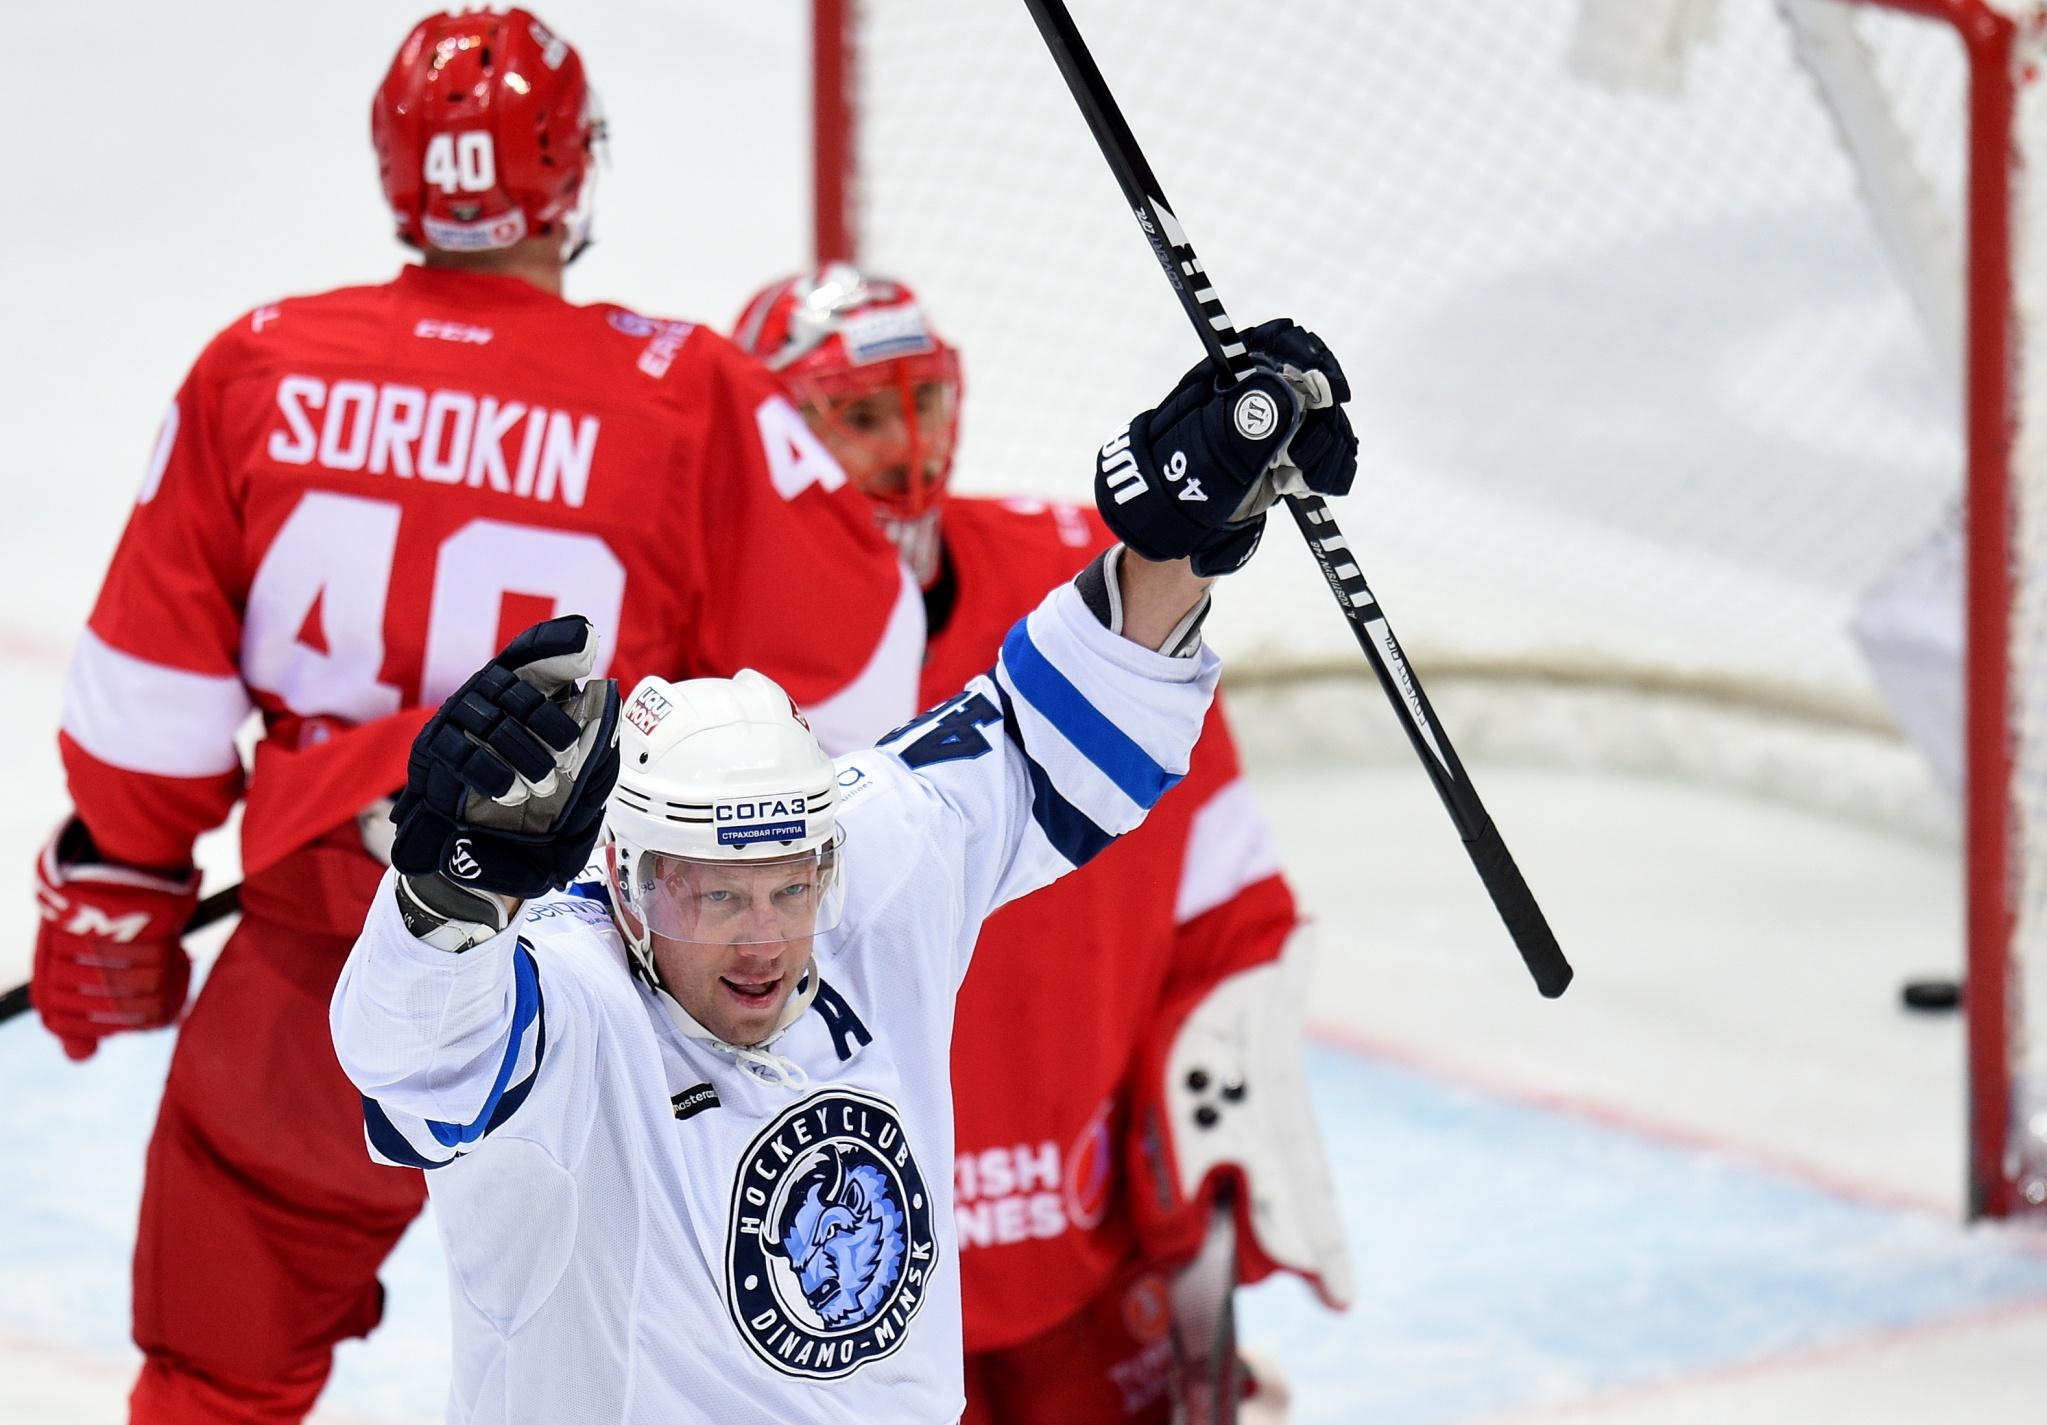 Андрей Костицын. Фото: Юрий Кузьмин